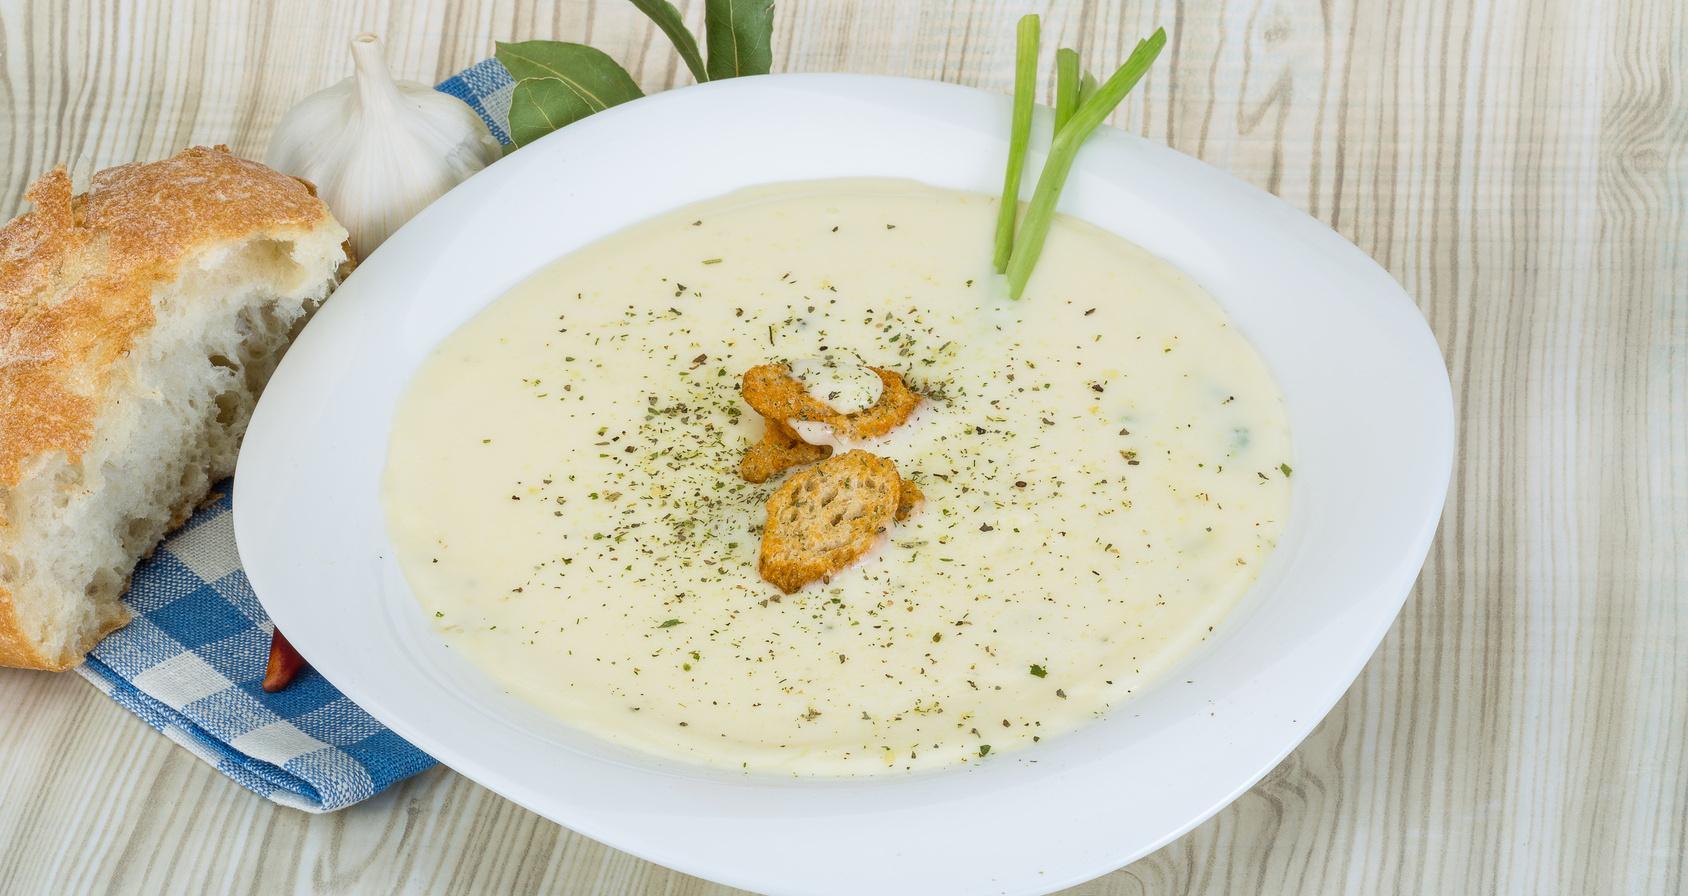 Sopa é uma opção interessante para o cardápio. (Foto Ilustrativa)